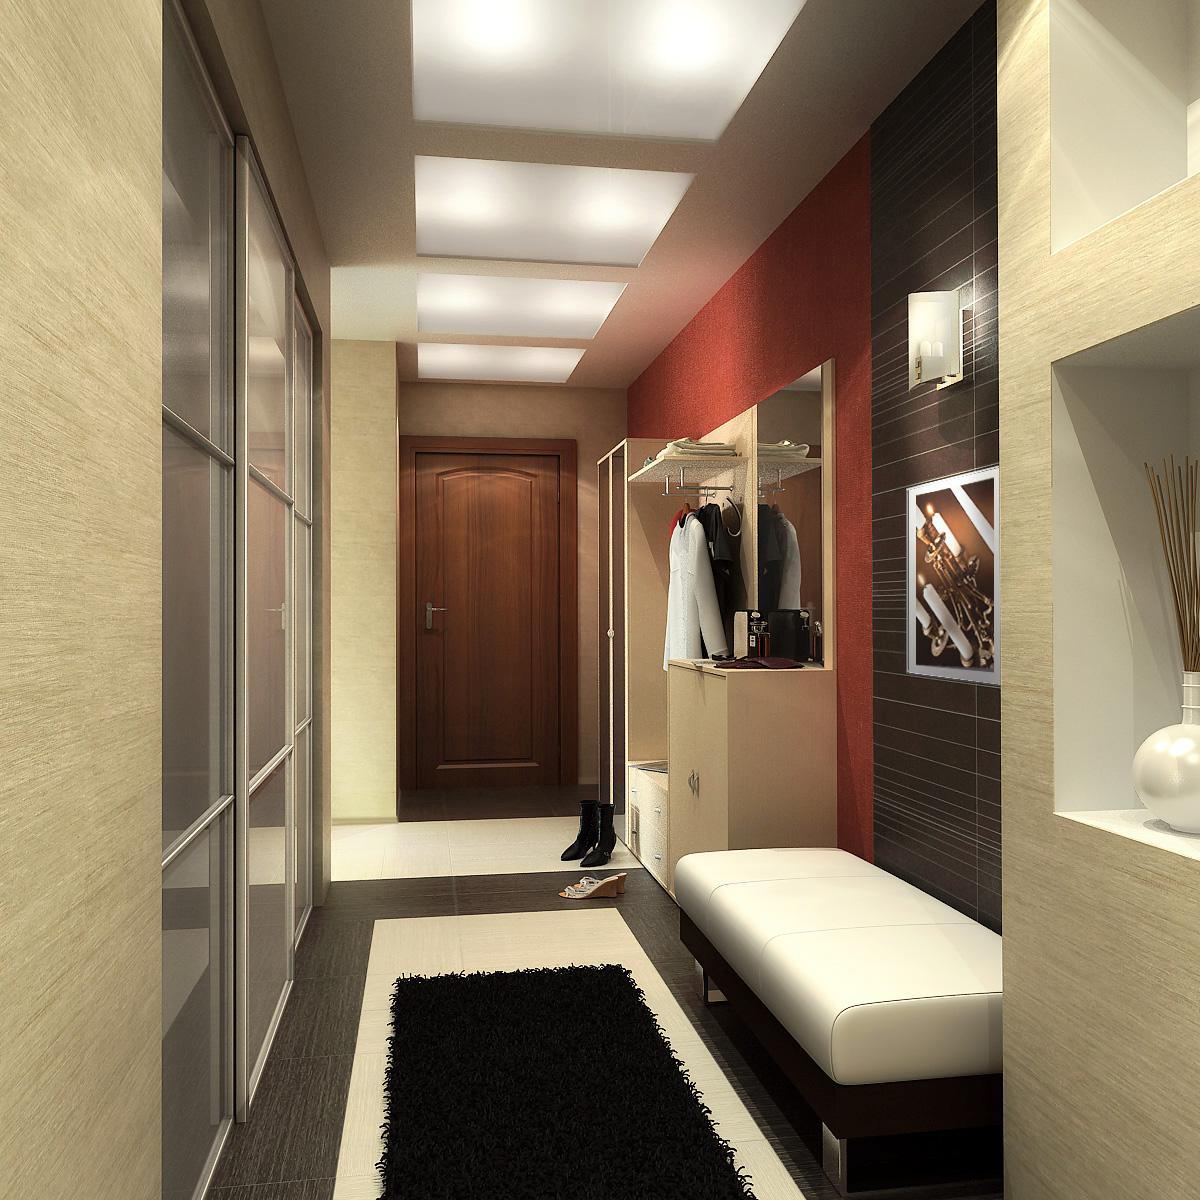 светлый стиль маленького коридора в новом стиле